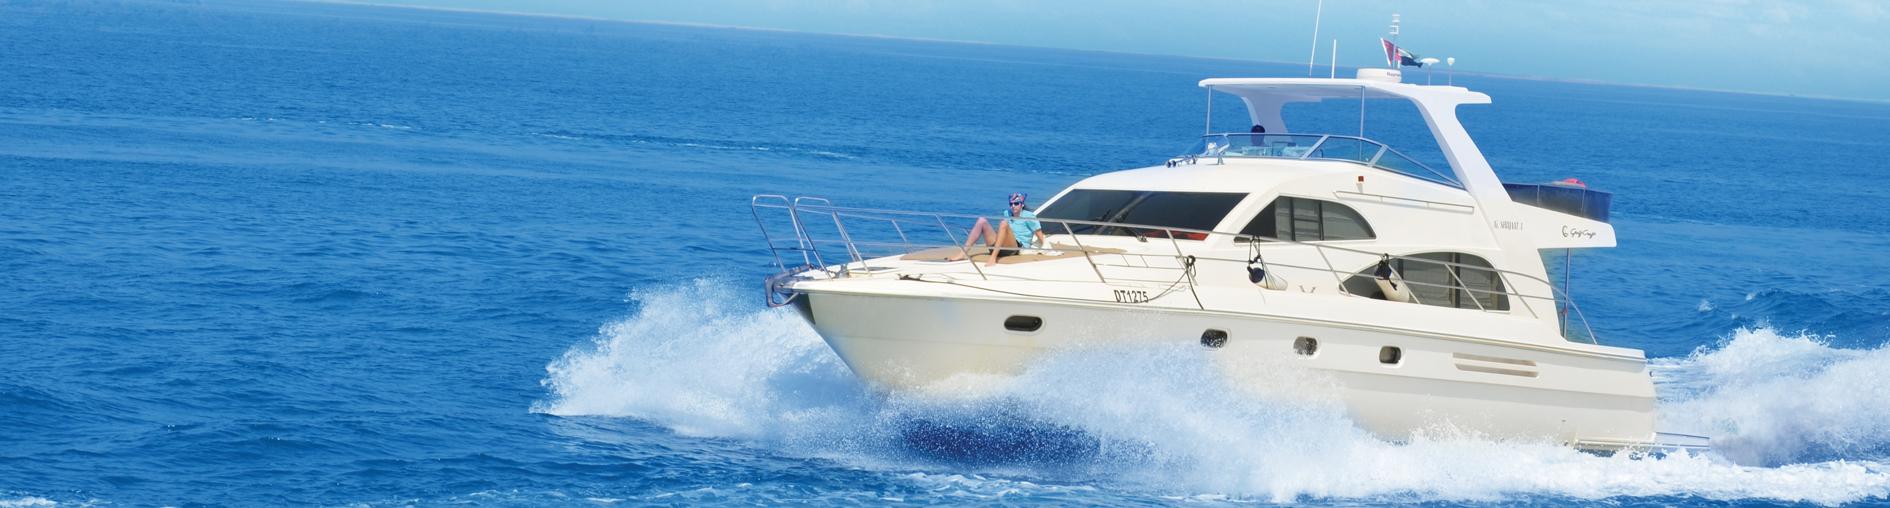 http://www.cruiseindubai.com/wp-content/uploads/2013/12/42.jpg